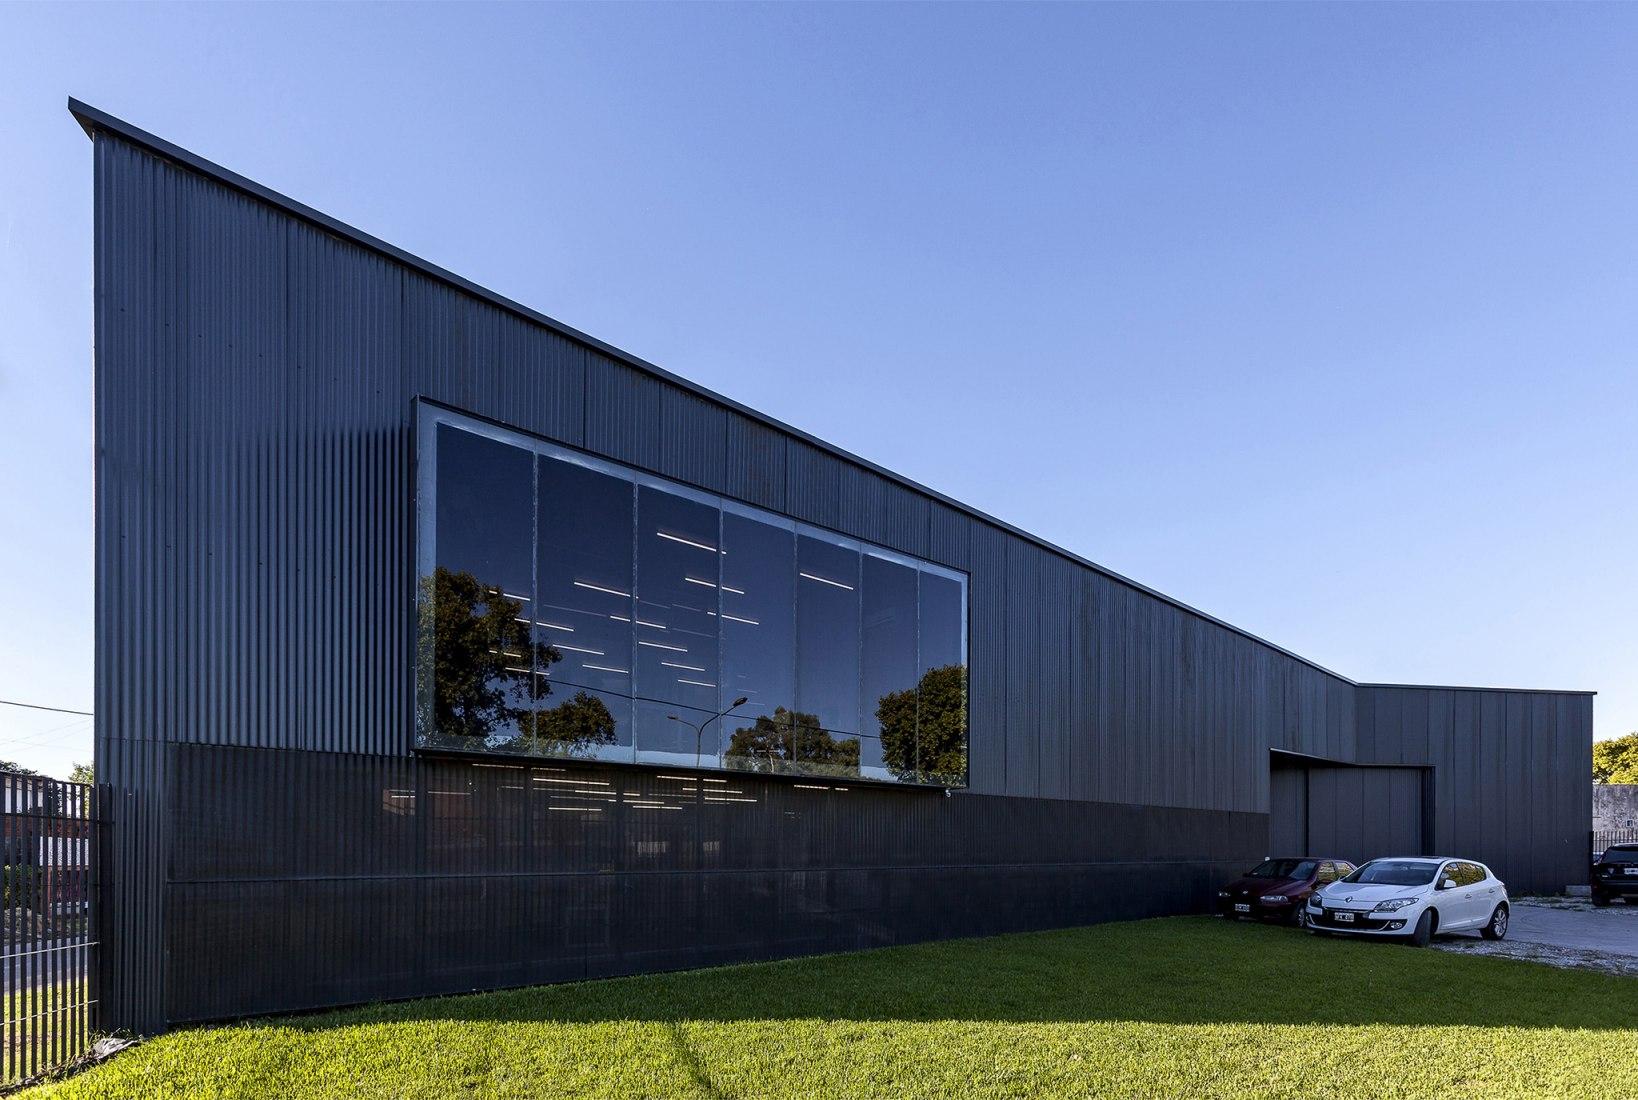 Centro de Logística Insumos Gráficos por Federico Marinaro Arquitecto. Fotografía por Walter Gustavo Salcedo